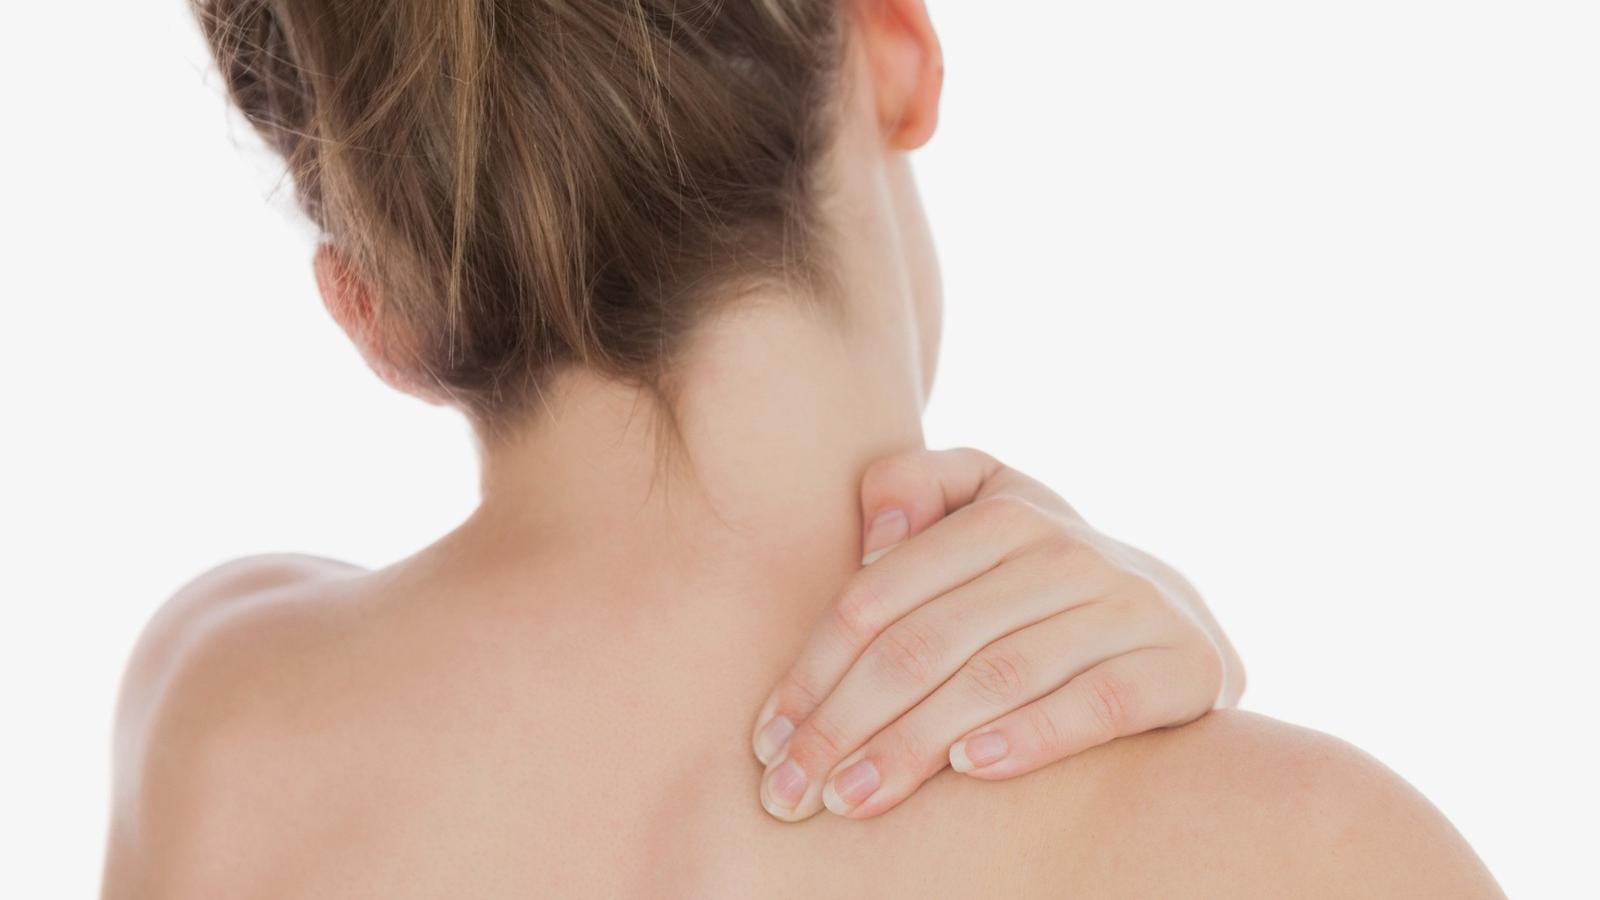 fájdalom a váll ízületeiben melyik orvos ízületi gyulladás ízületi gyulladás tünetei és kezelése